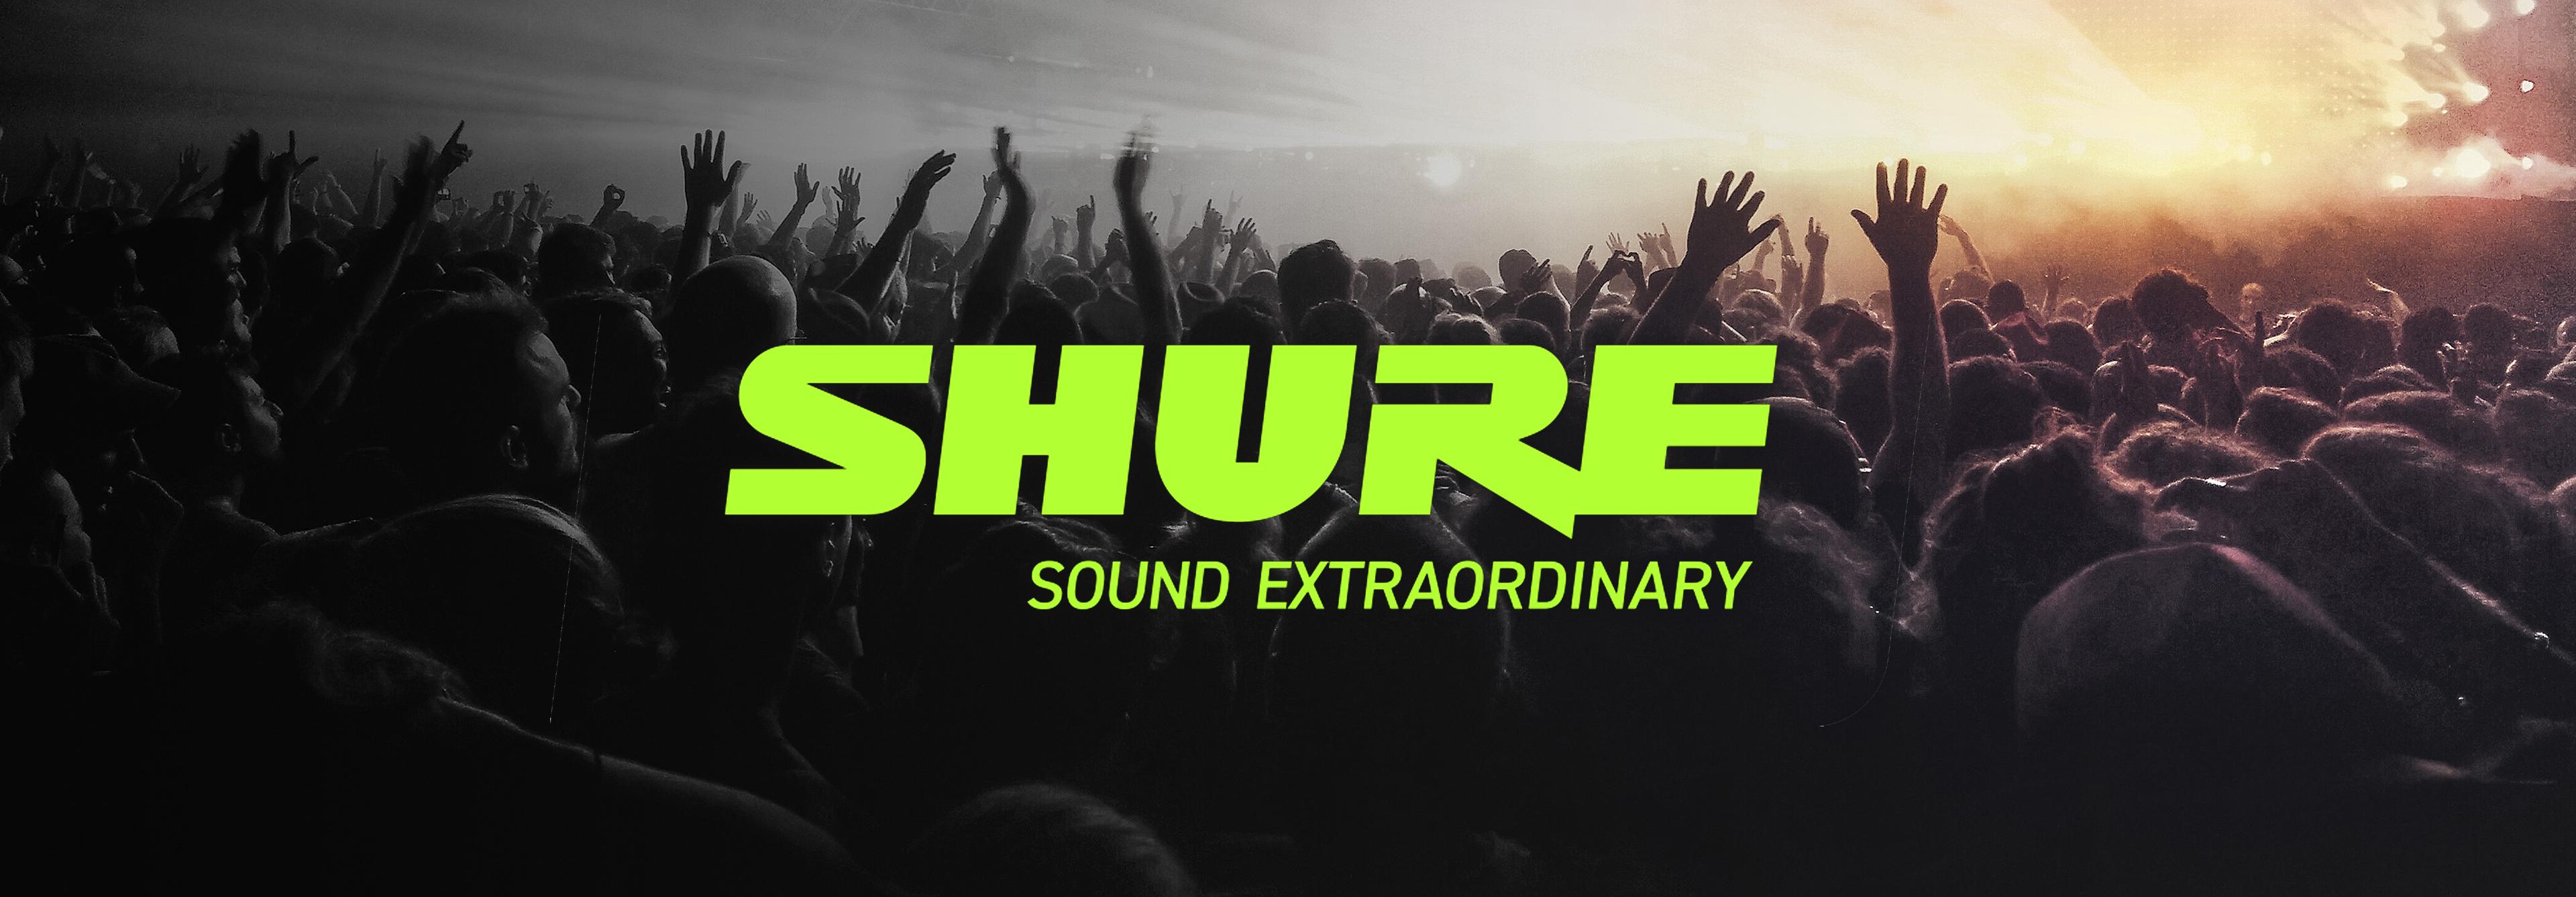 shure-banner.jpg